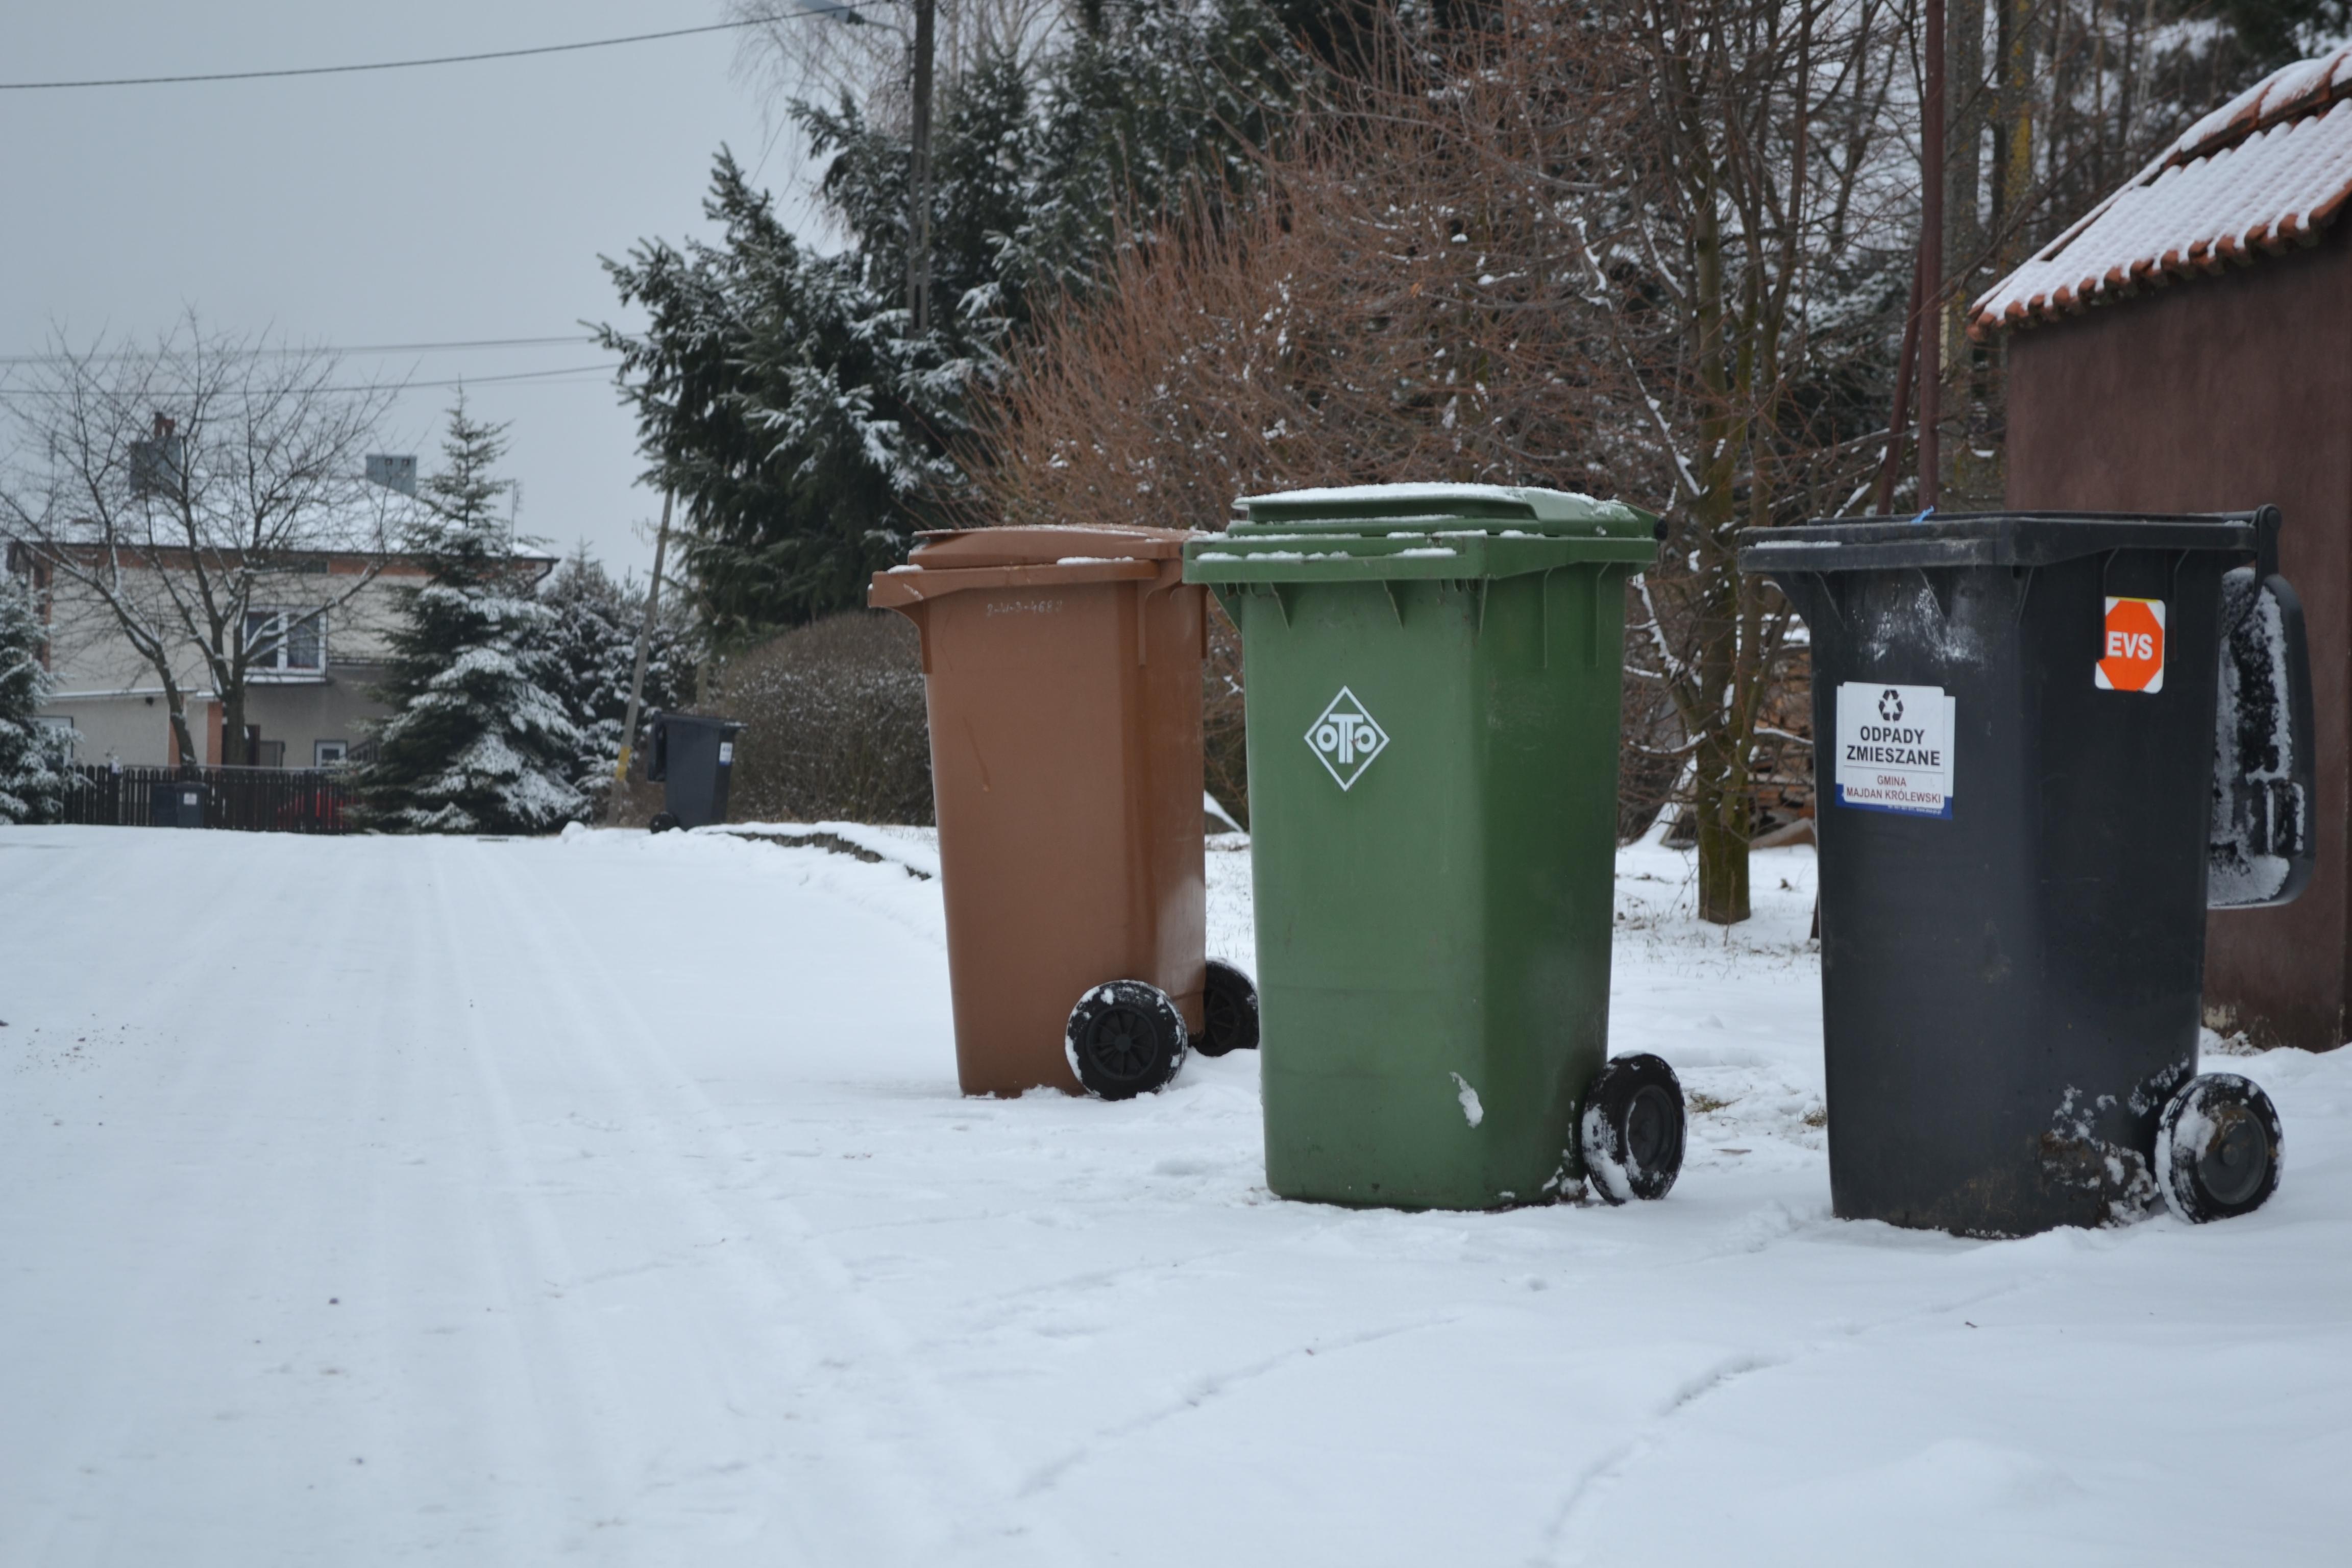 Sołtys Huty Komorowskiej skarży się na godziny odbioru śmieci w jego miejscowości  - Zdjęcie główne